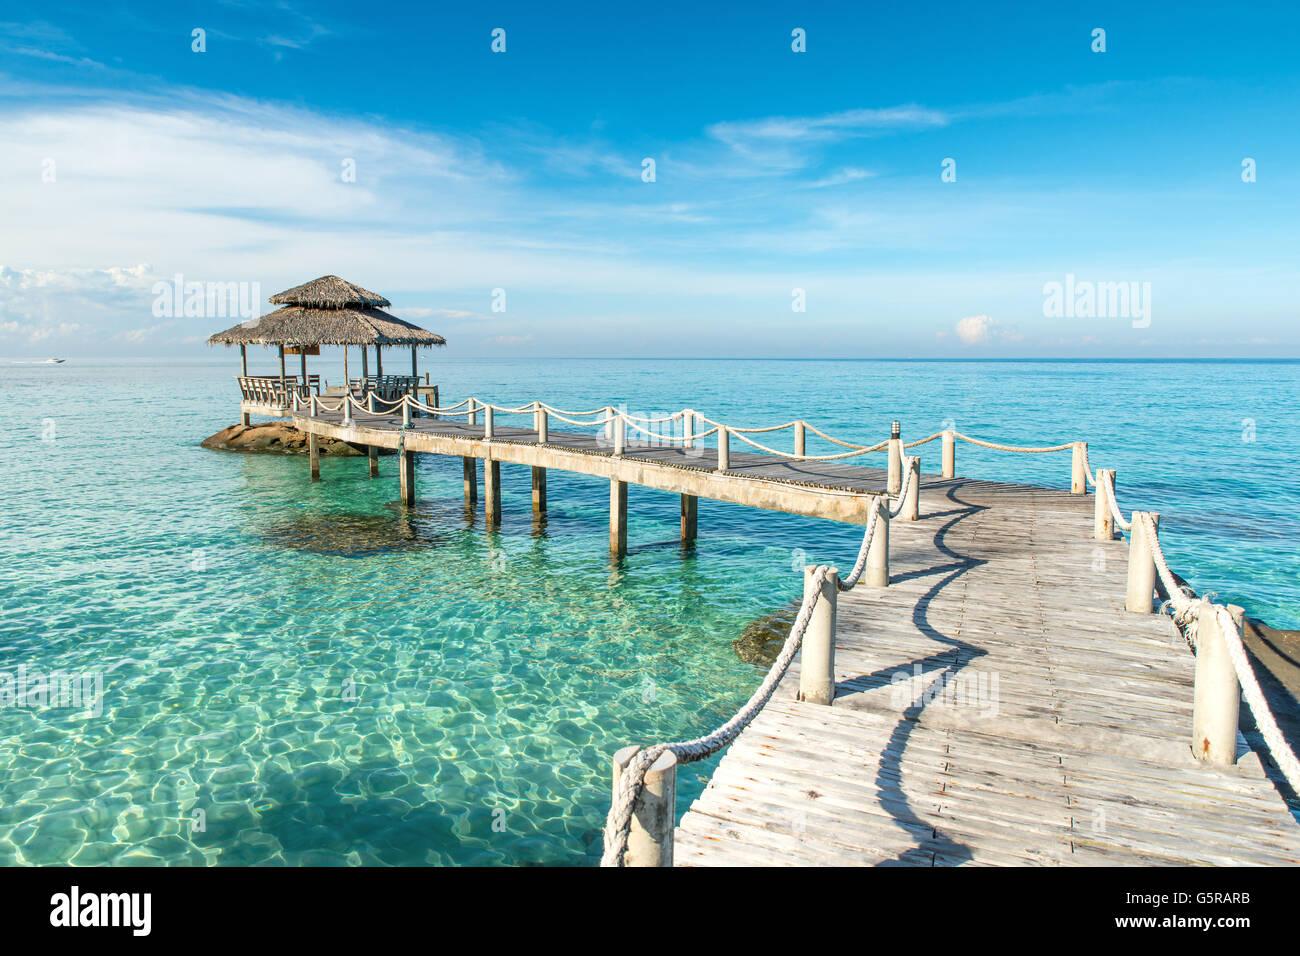 L'été, les voyages, vacances et Maison de Vacances - concept jetée en bois à Phuket, Thaïlande. Photo Stock